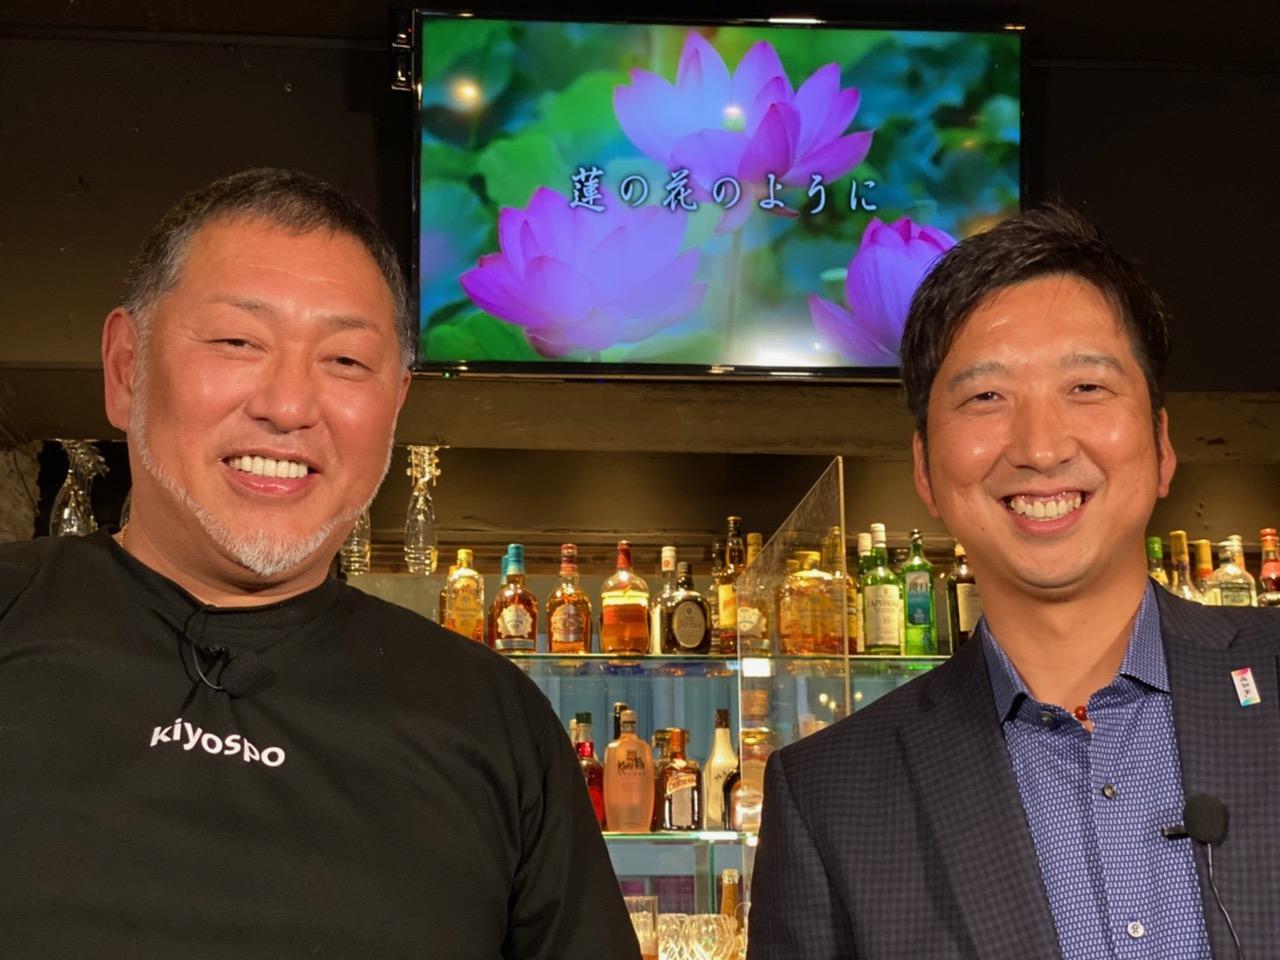 清原和博氏(左)のYouTubeチャンネルに出演した藤川球児氏